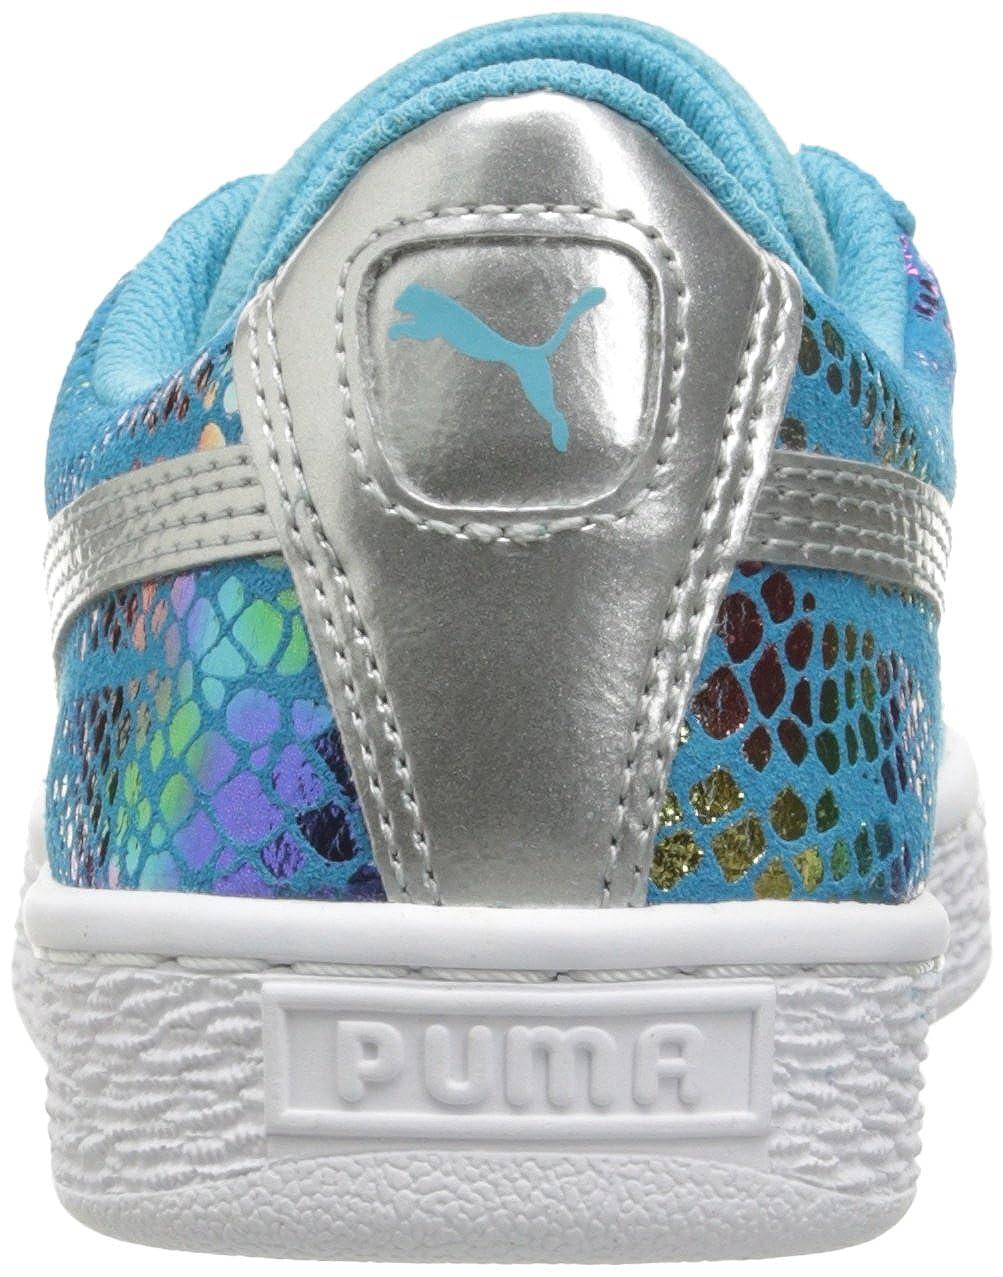 Puma Kid) Suede Sport Lux Kids Turnschuhe (Big Kid) Puma d13355